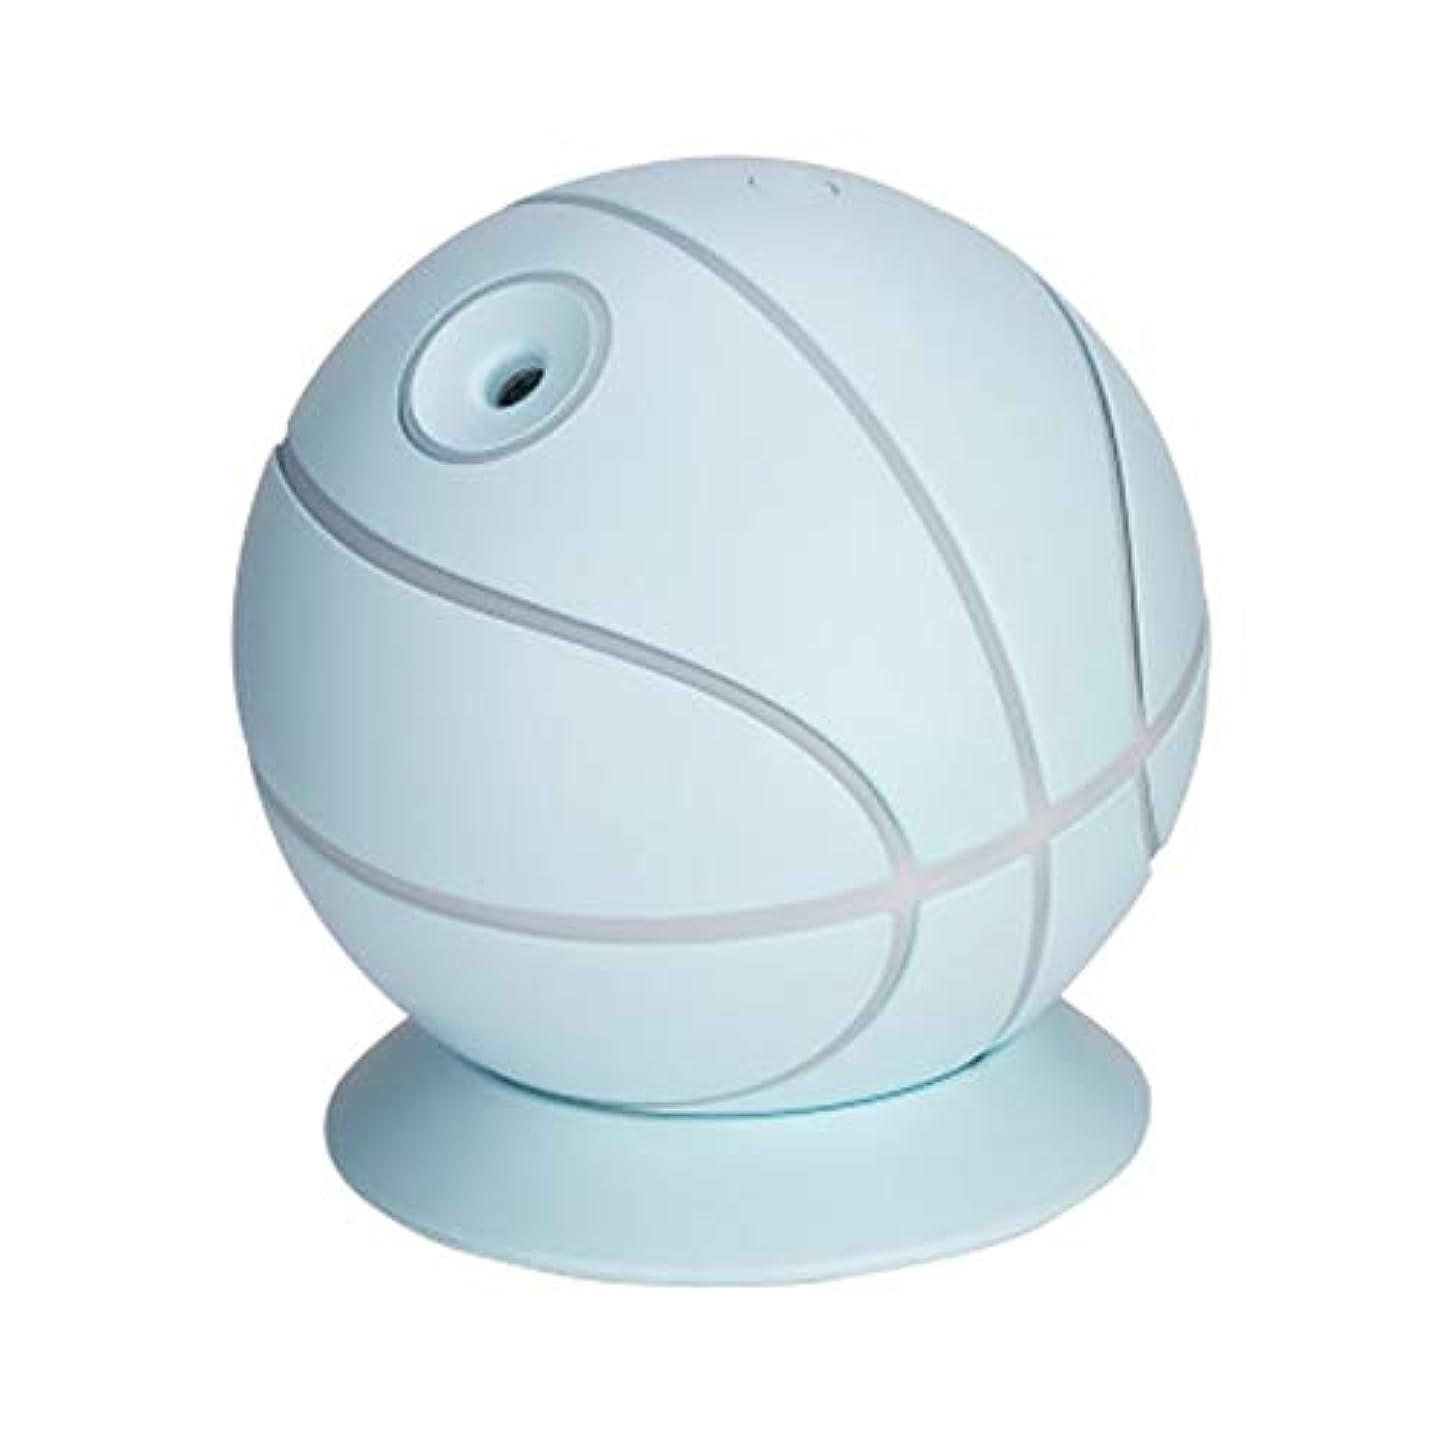 蛇行懲戒冷ややかなバスケットボール エッセンシャルオイル ディフューザー、 USB 超音波 酸素 流量計 アトマイザー クールミスト 空気 加湿器、 180° ロータリー ミニ ディフューザー にとって ホーム 車 事,Blue